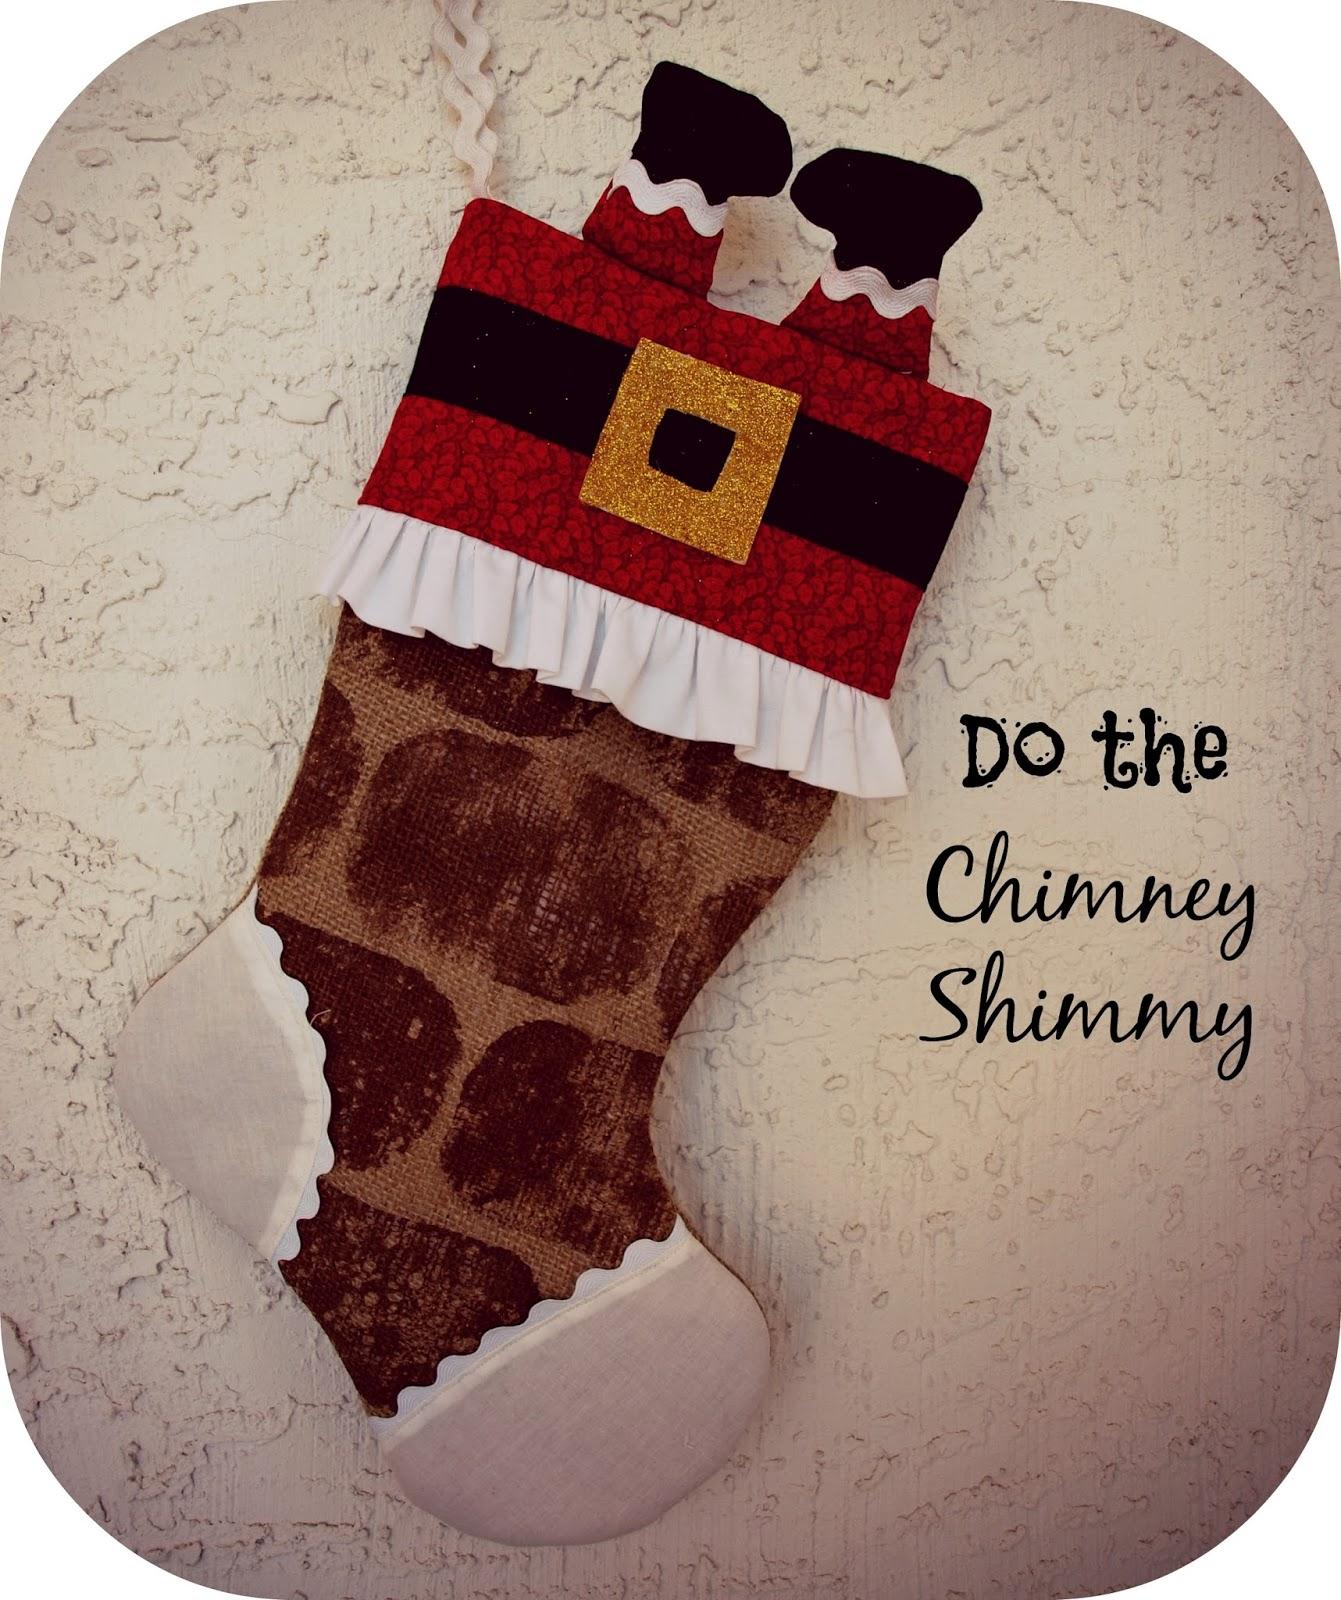 Chimney Shimmy.jpg